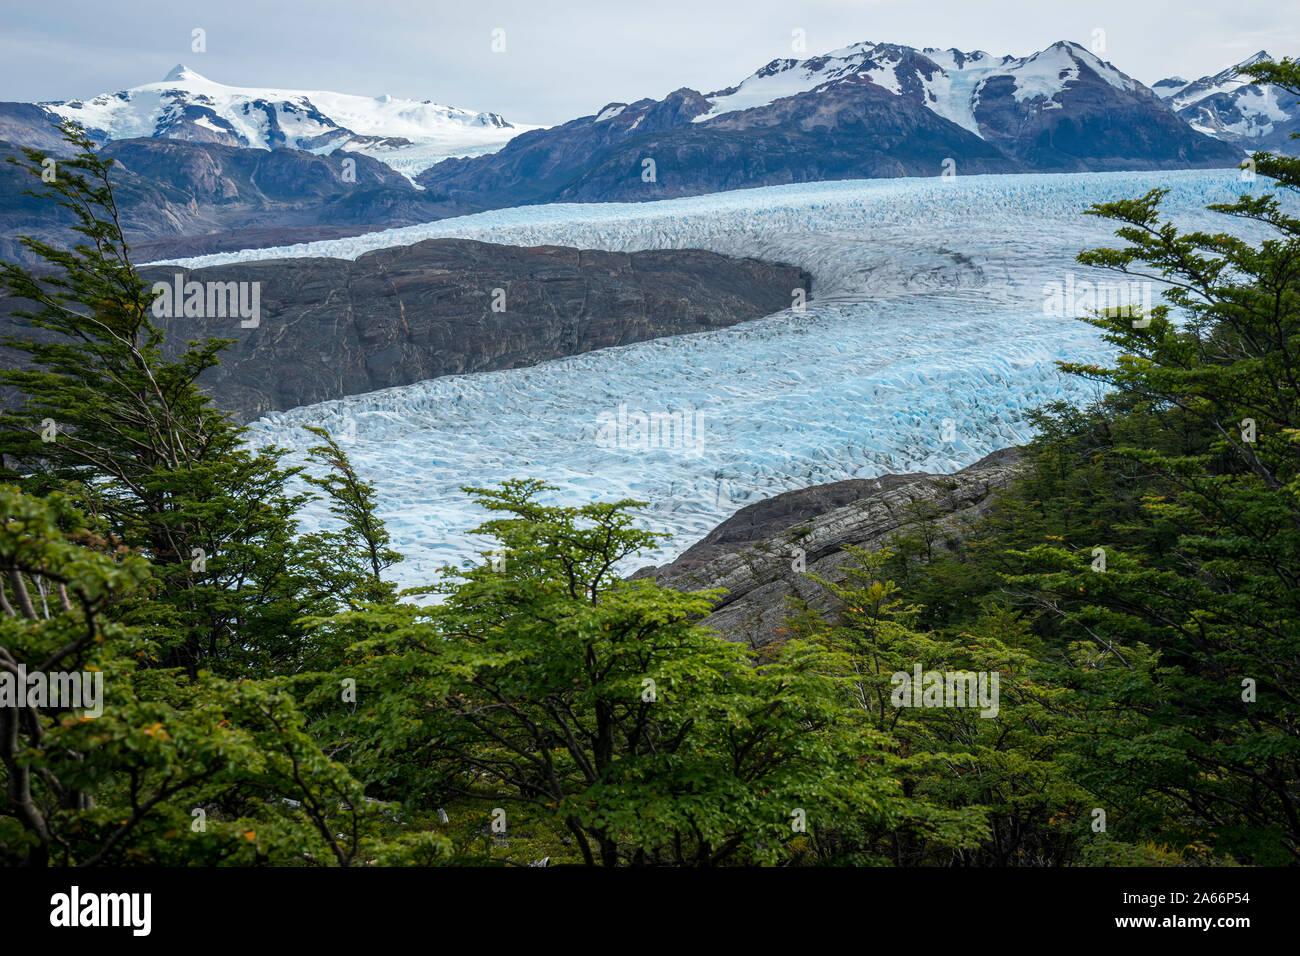 Glaciar Grey, rodeado de montañas, el Parque Nacional Torres del Paine, Región de Magallanes, Chile Foto de stock